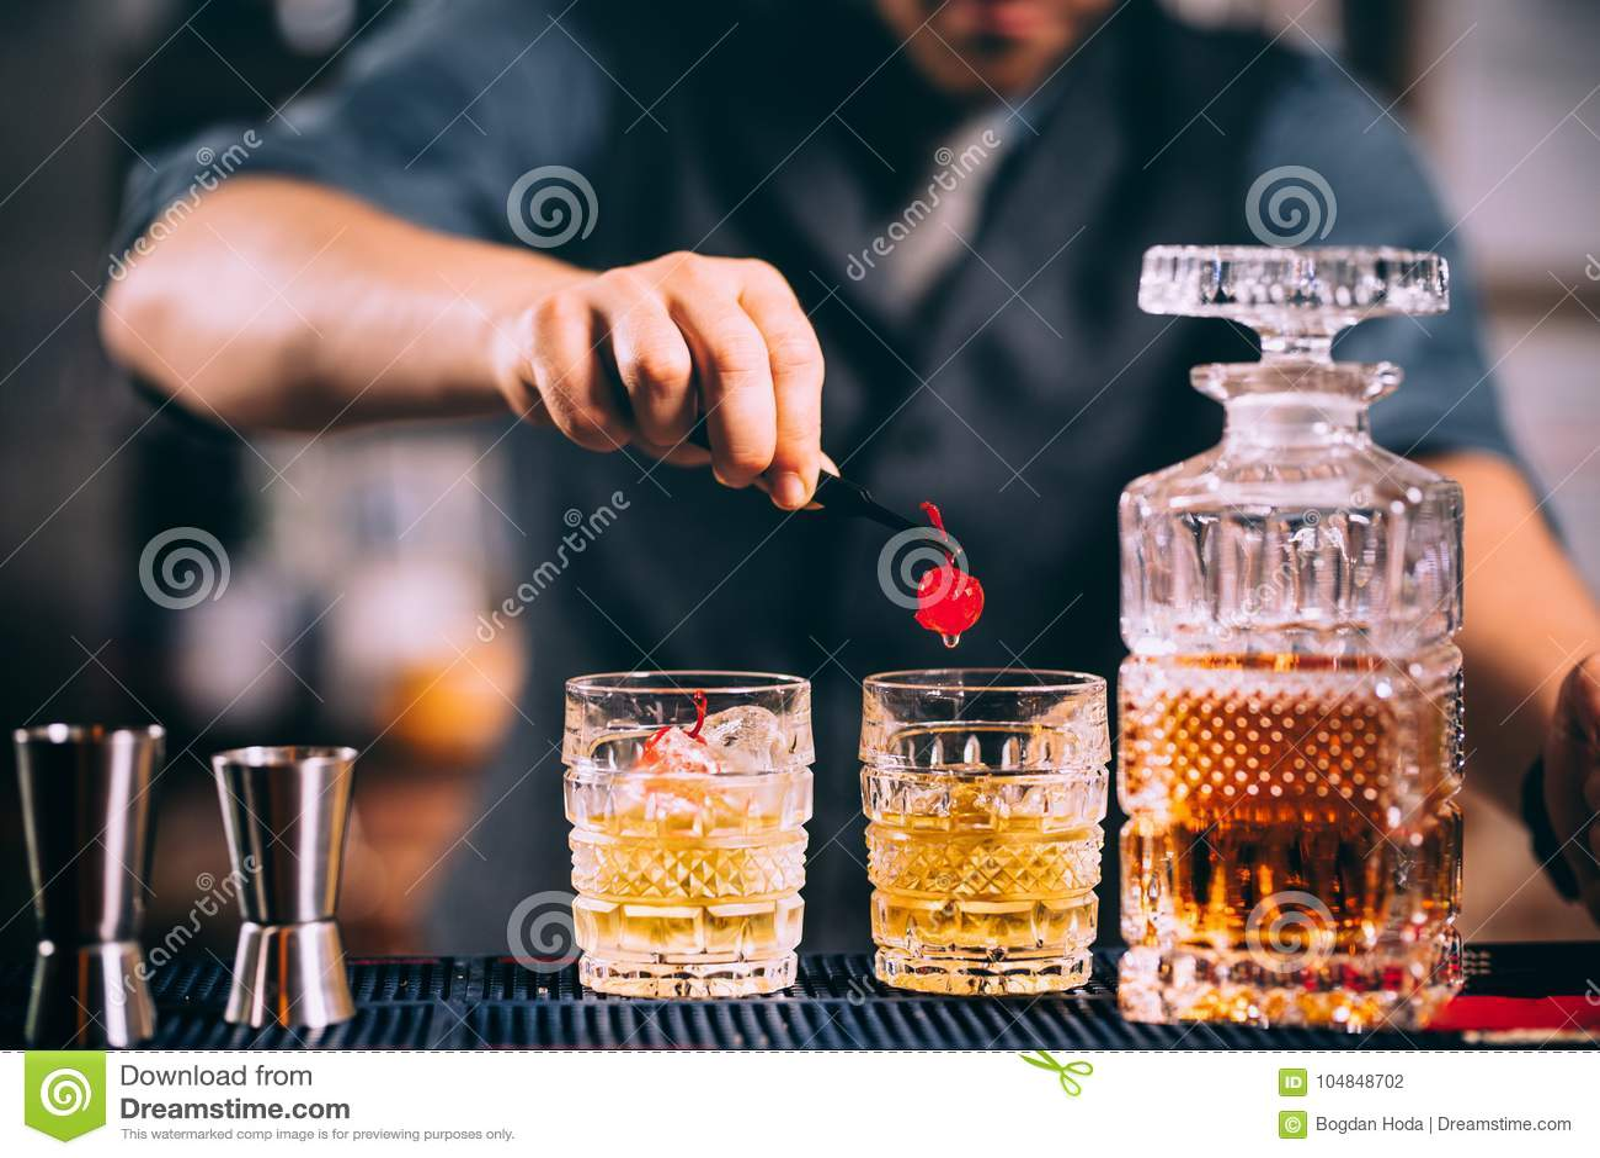 Barman voorbereidingen treffende en voerende van de kristalwhisky glazen voor alcoholische dranken